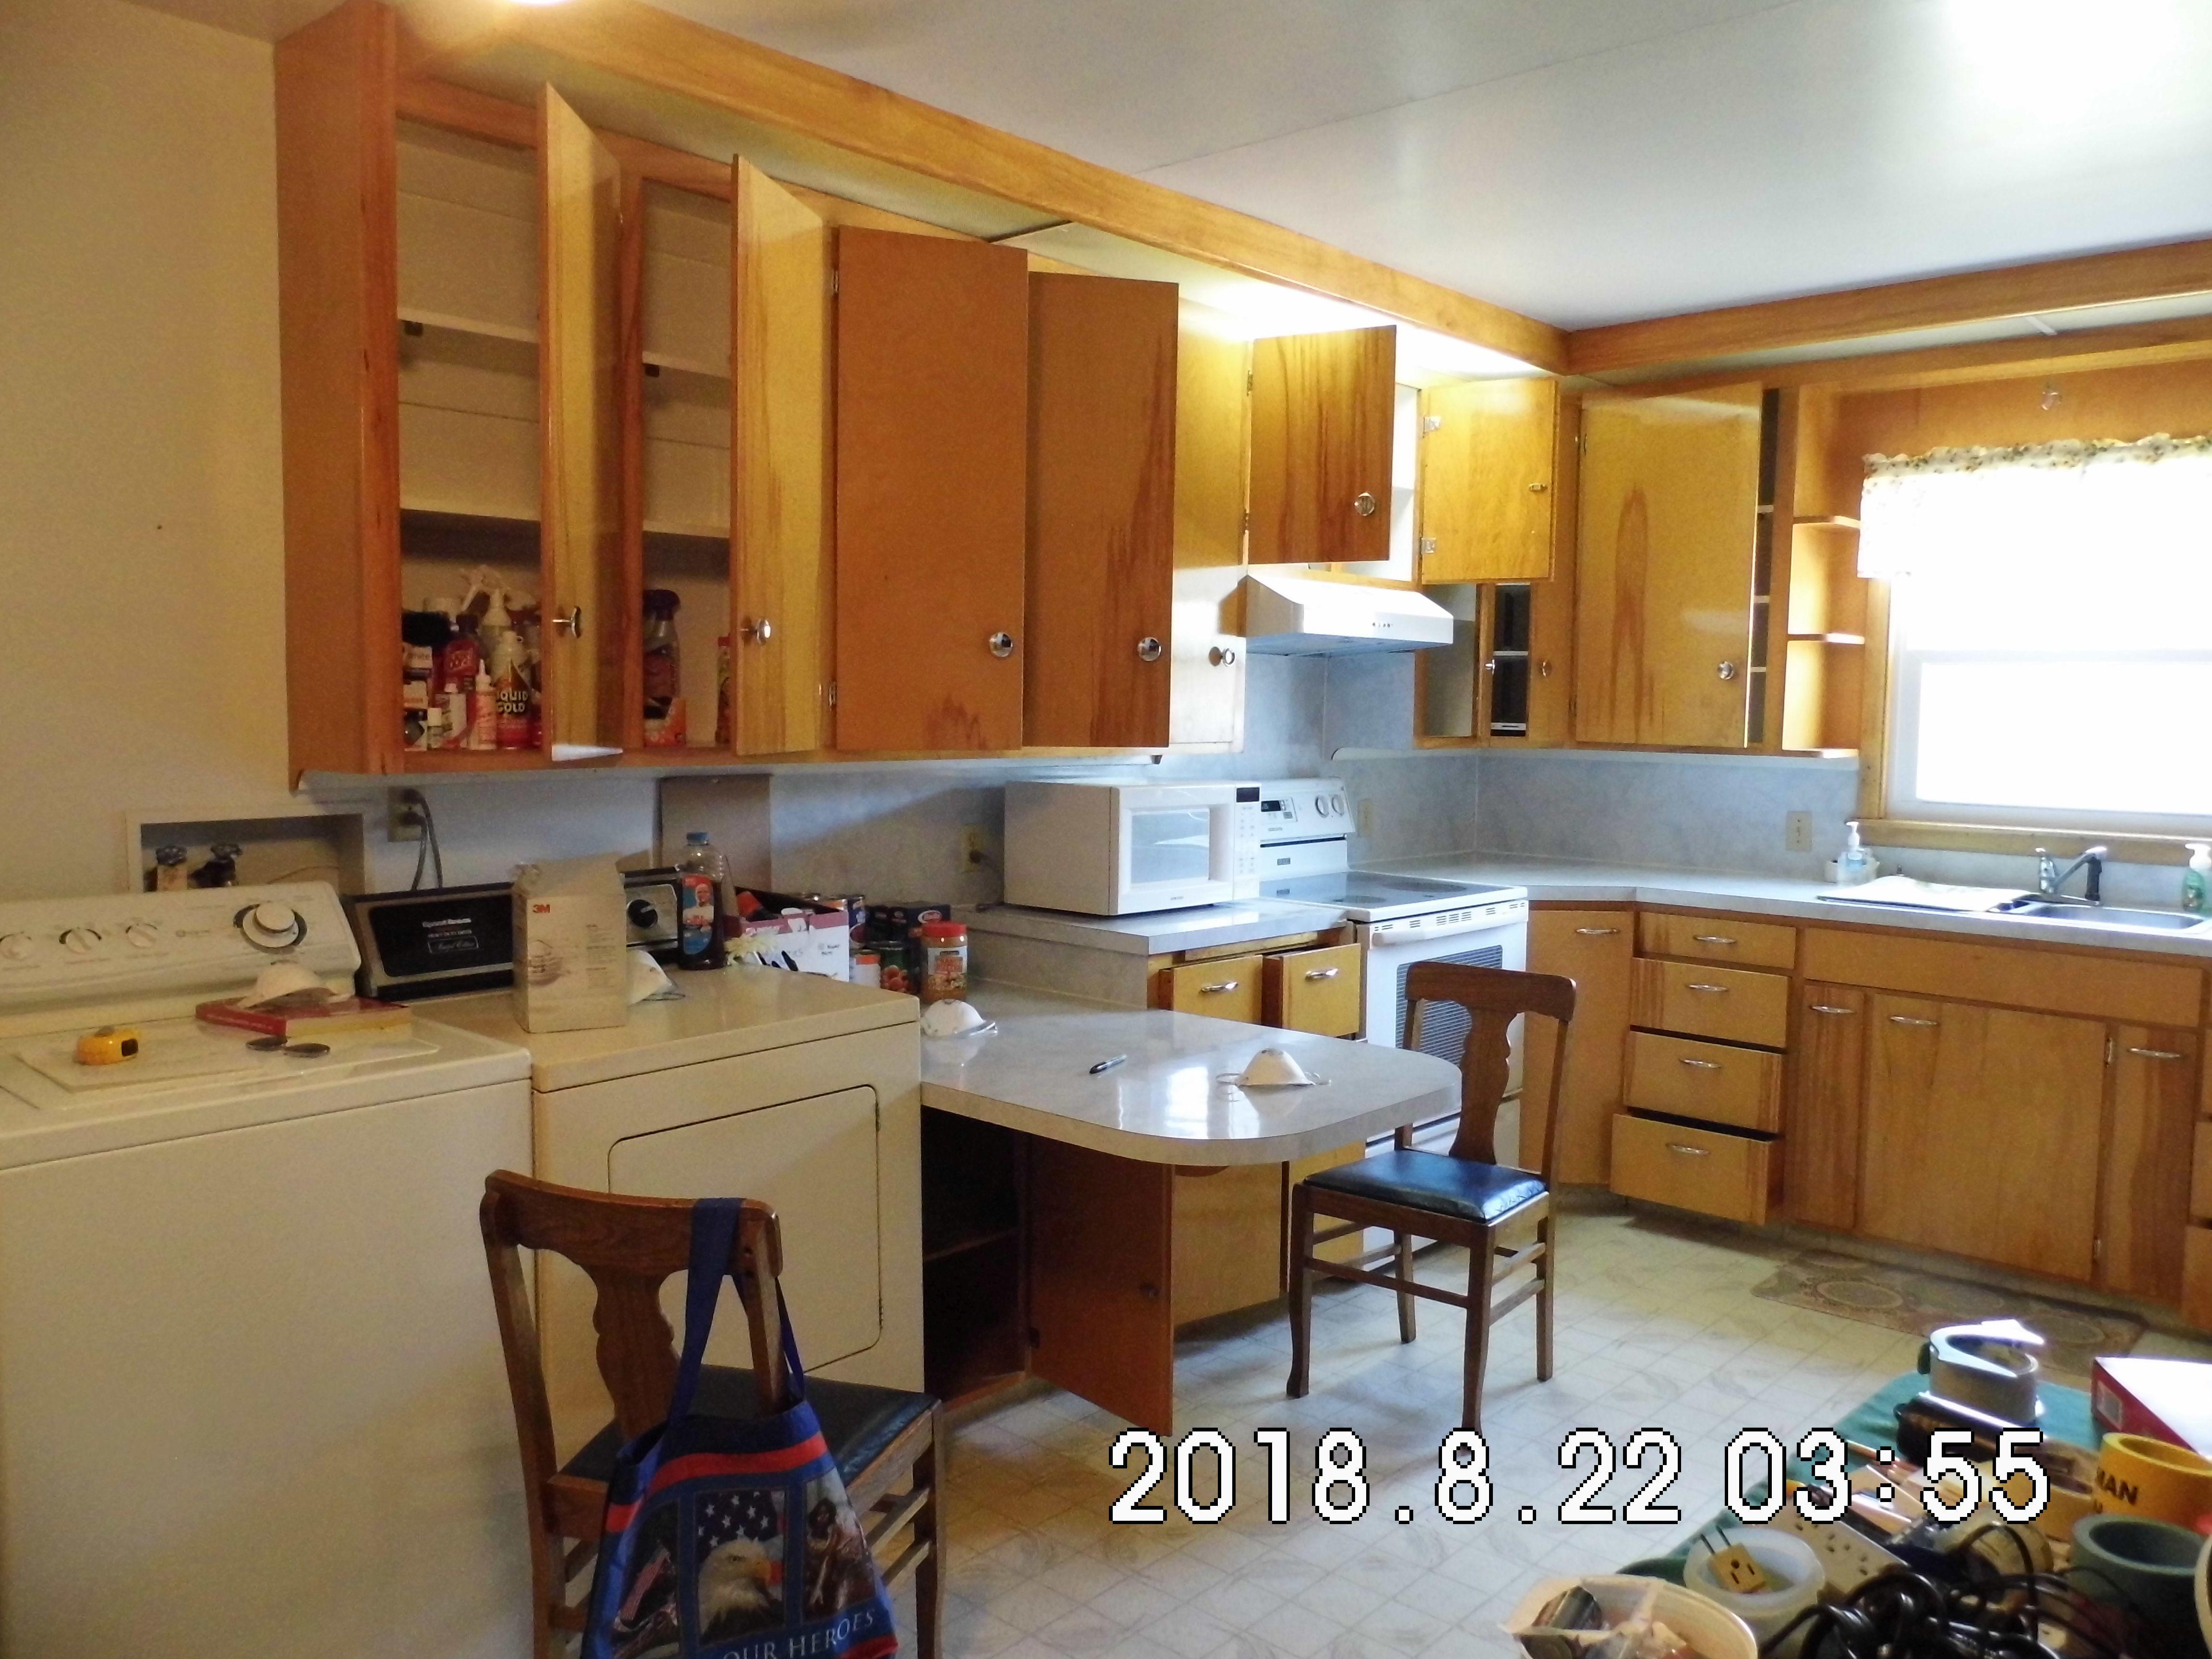 3.1 303 Elm St. Kitchen Cabinets